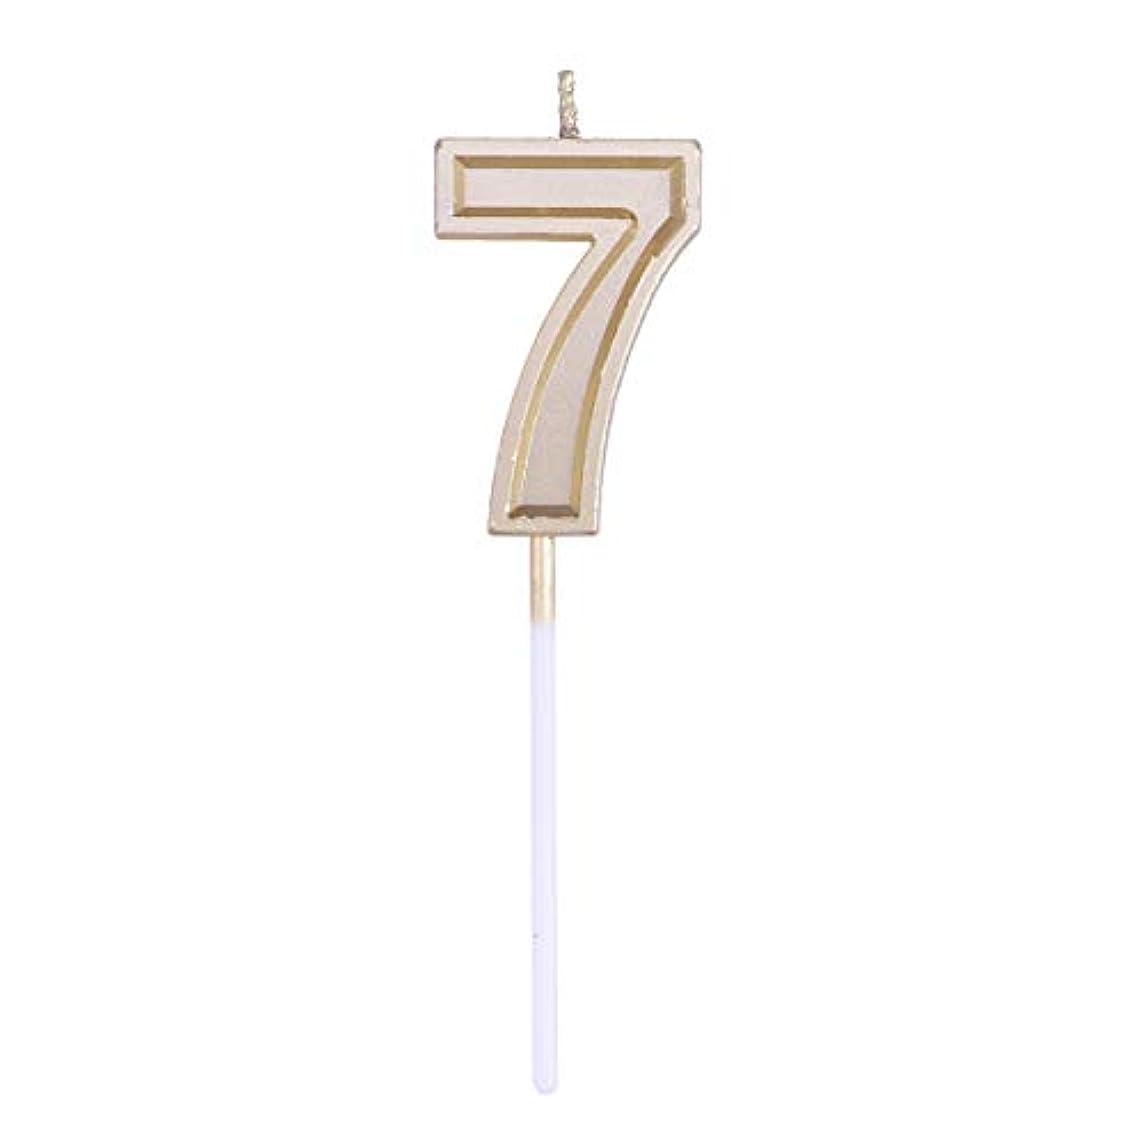 アンティーク死の顎うまくいけばToyvian ゴールドラメ誕生日おめでとう数字キャンドル番号キャンドルケーキトッパー装飾用大人キッズパーティー(番号7)